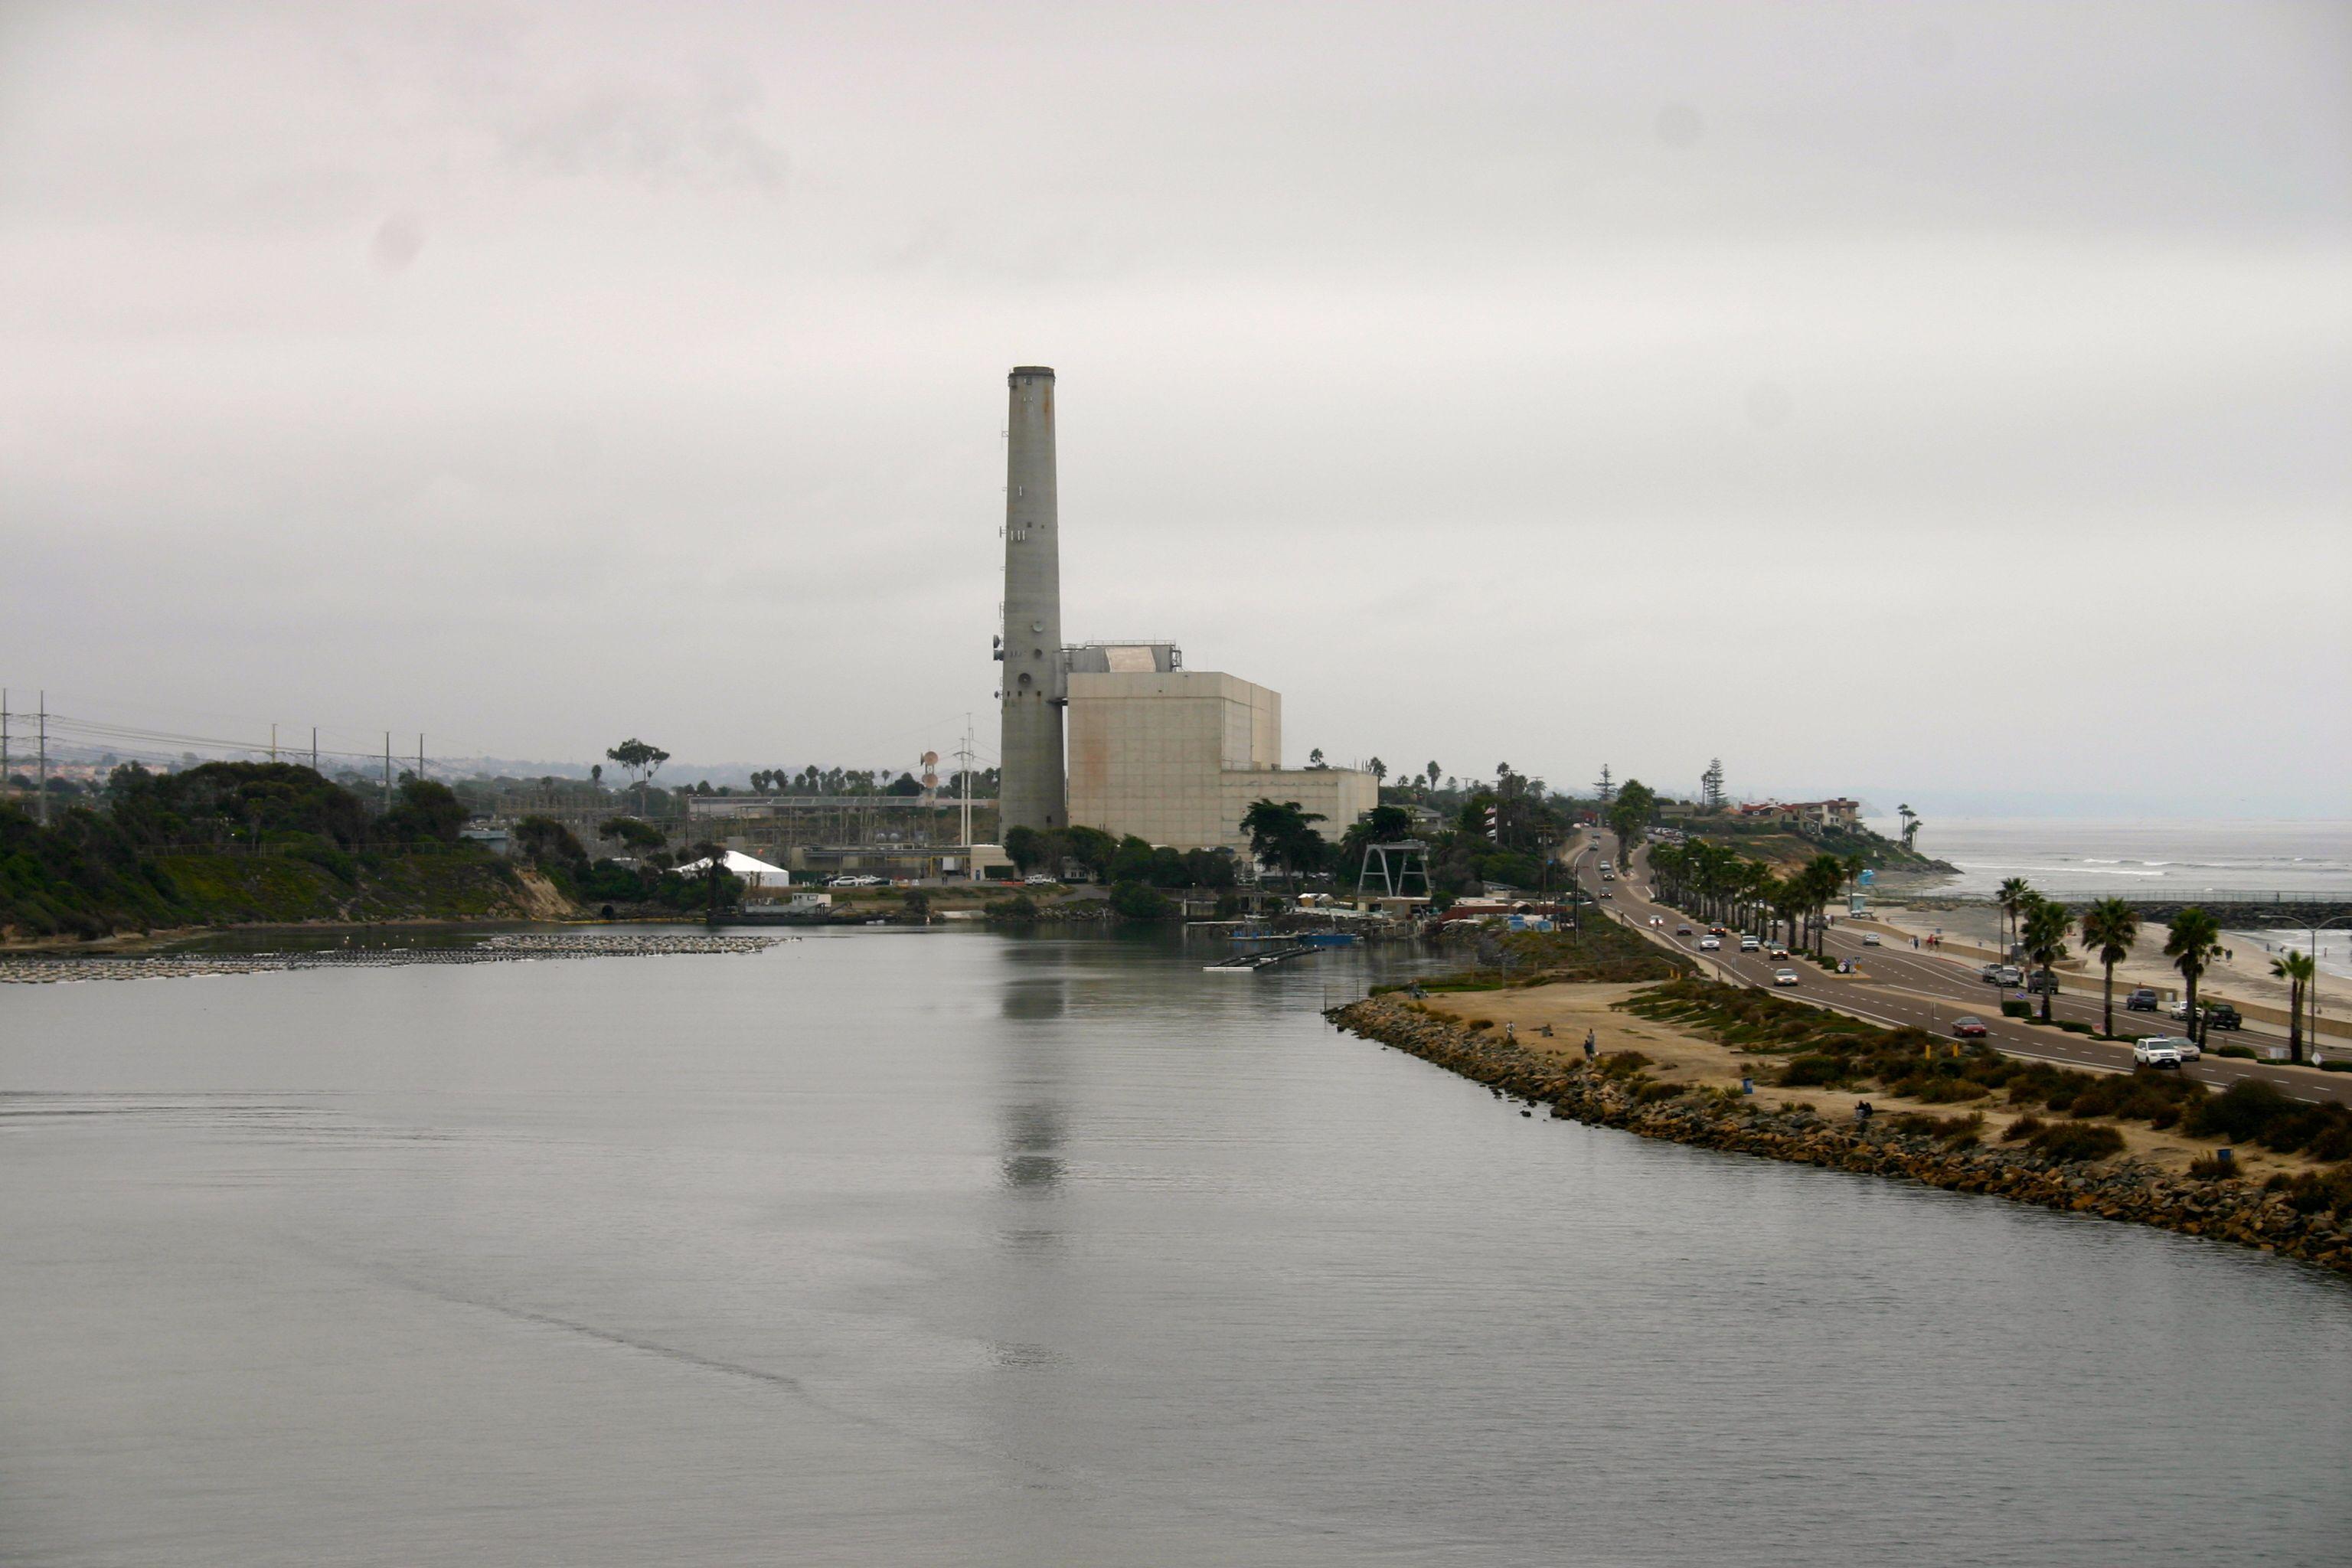 Carlsbad_desalination_plant2.jpg